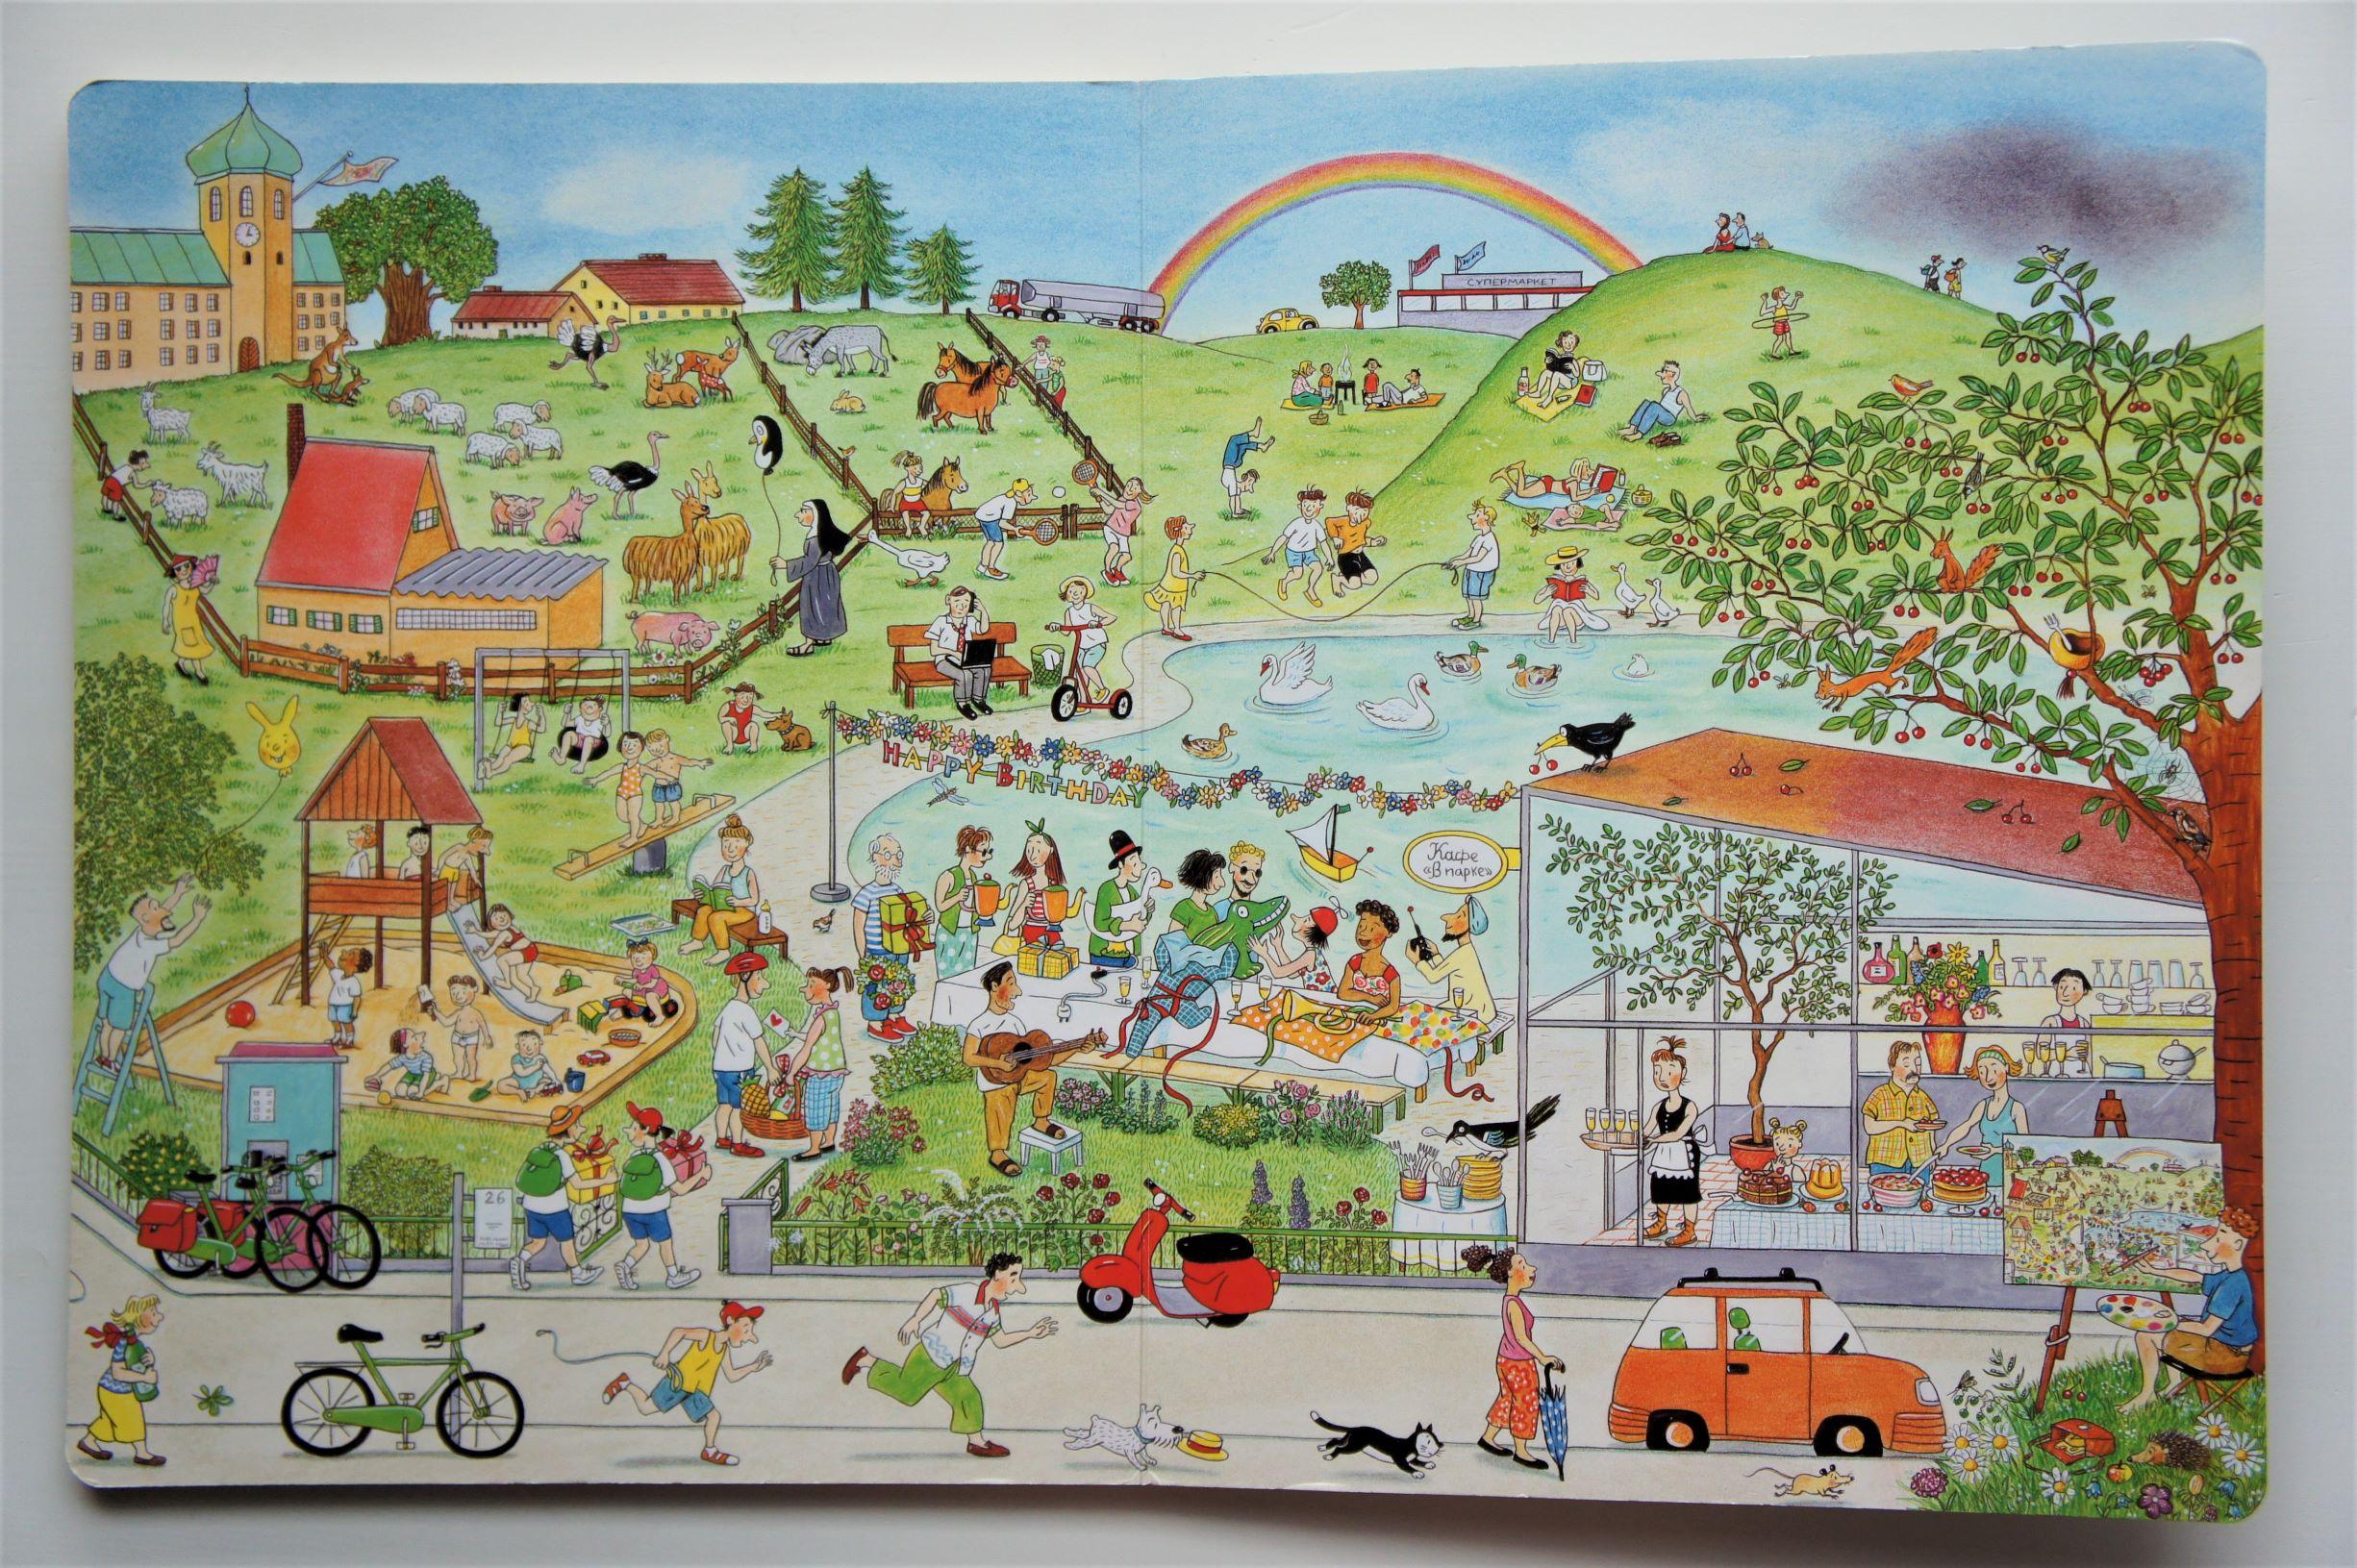 Книжки-картинки. Ротраут Сузанна Бернер. Летняя книга | Мир в слове. Блог о том, как привить ребенку любовь к чтению